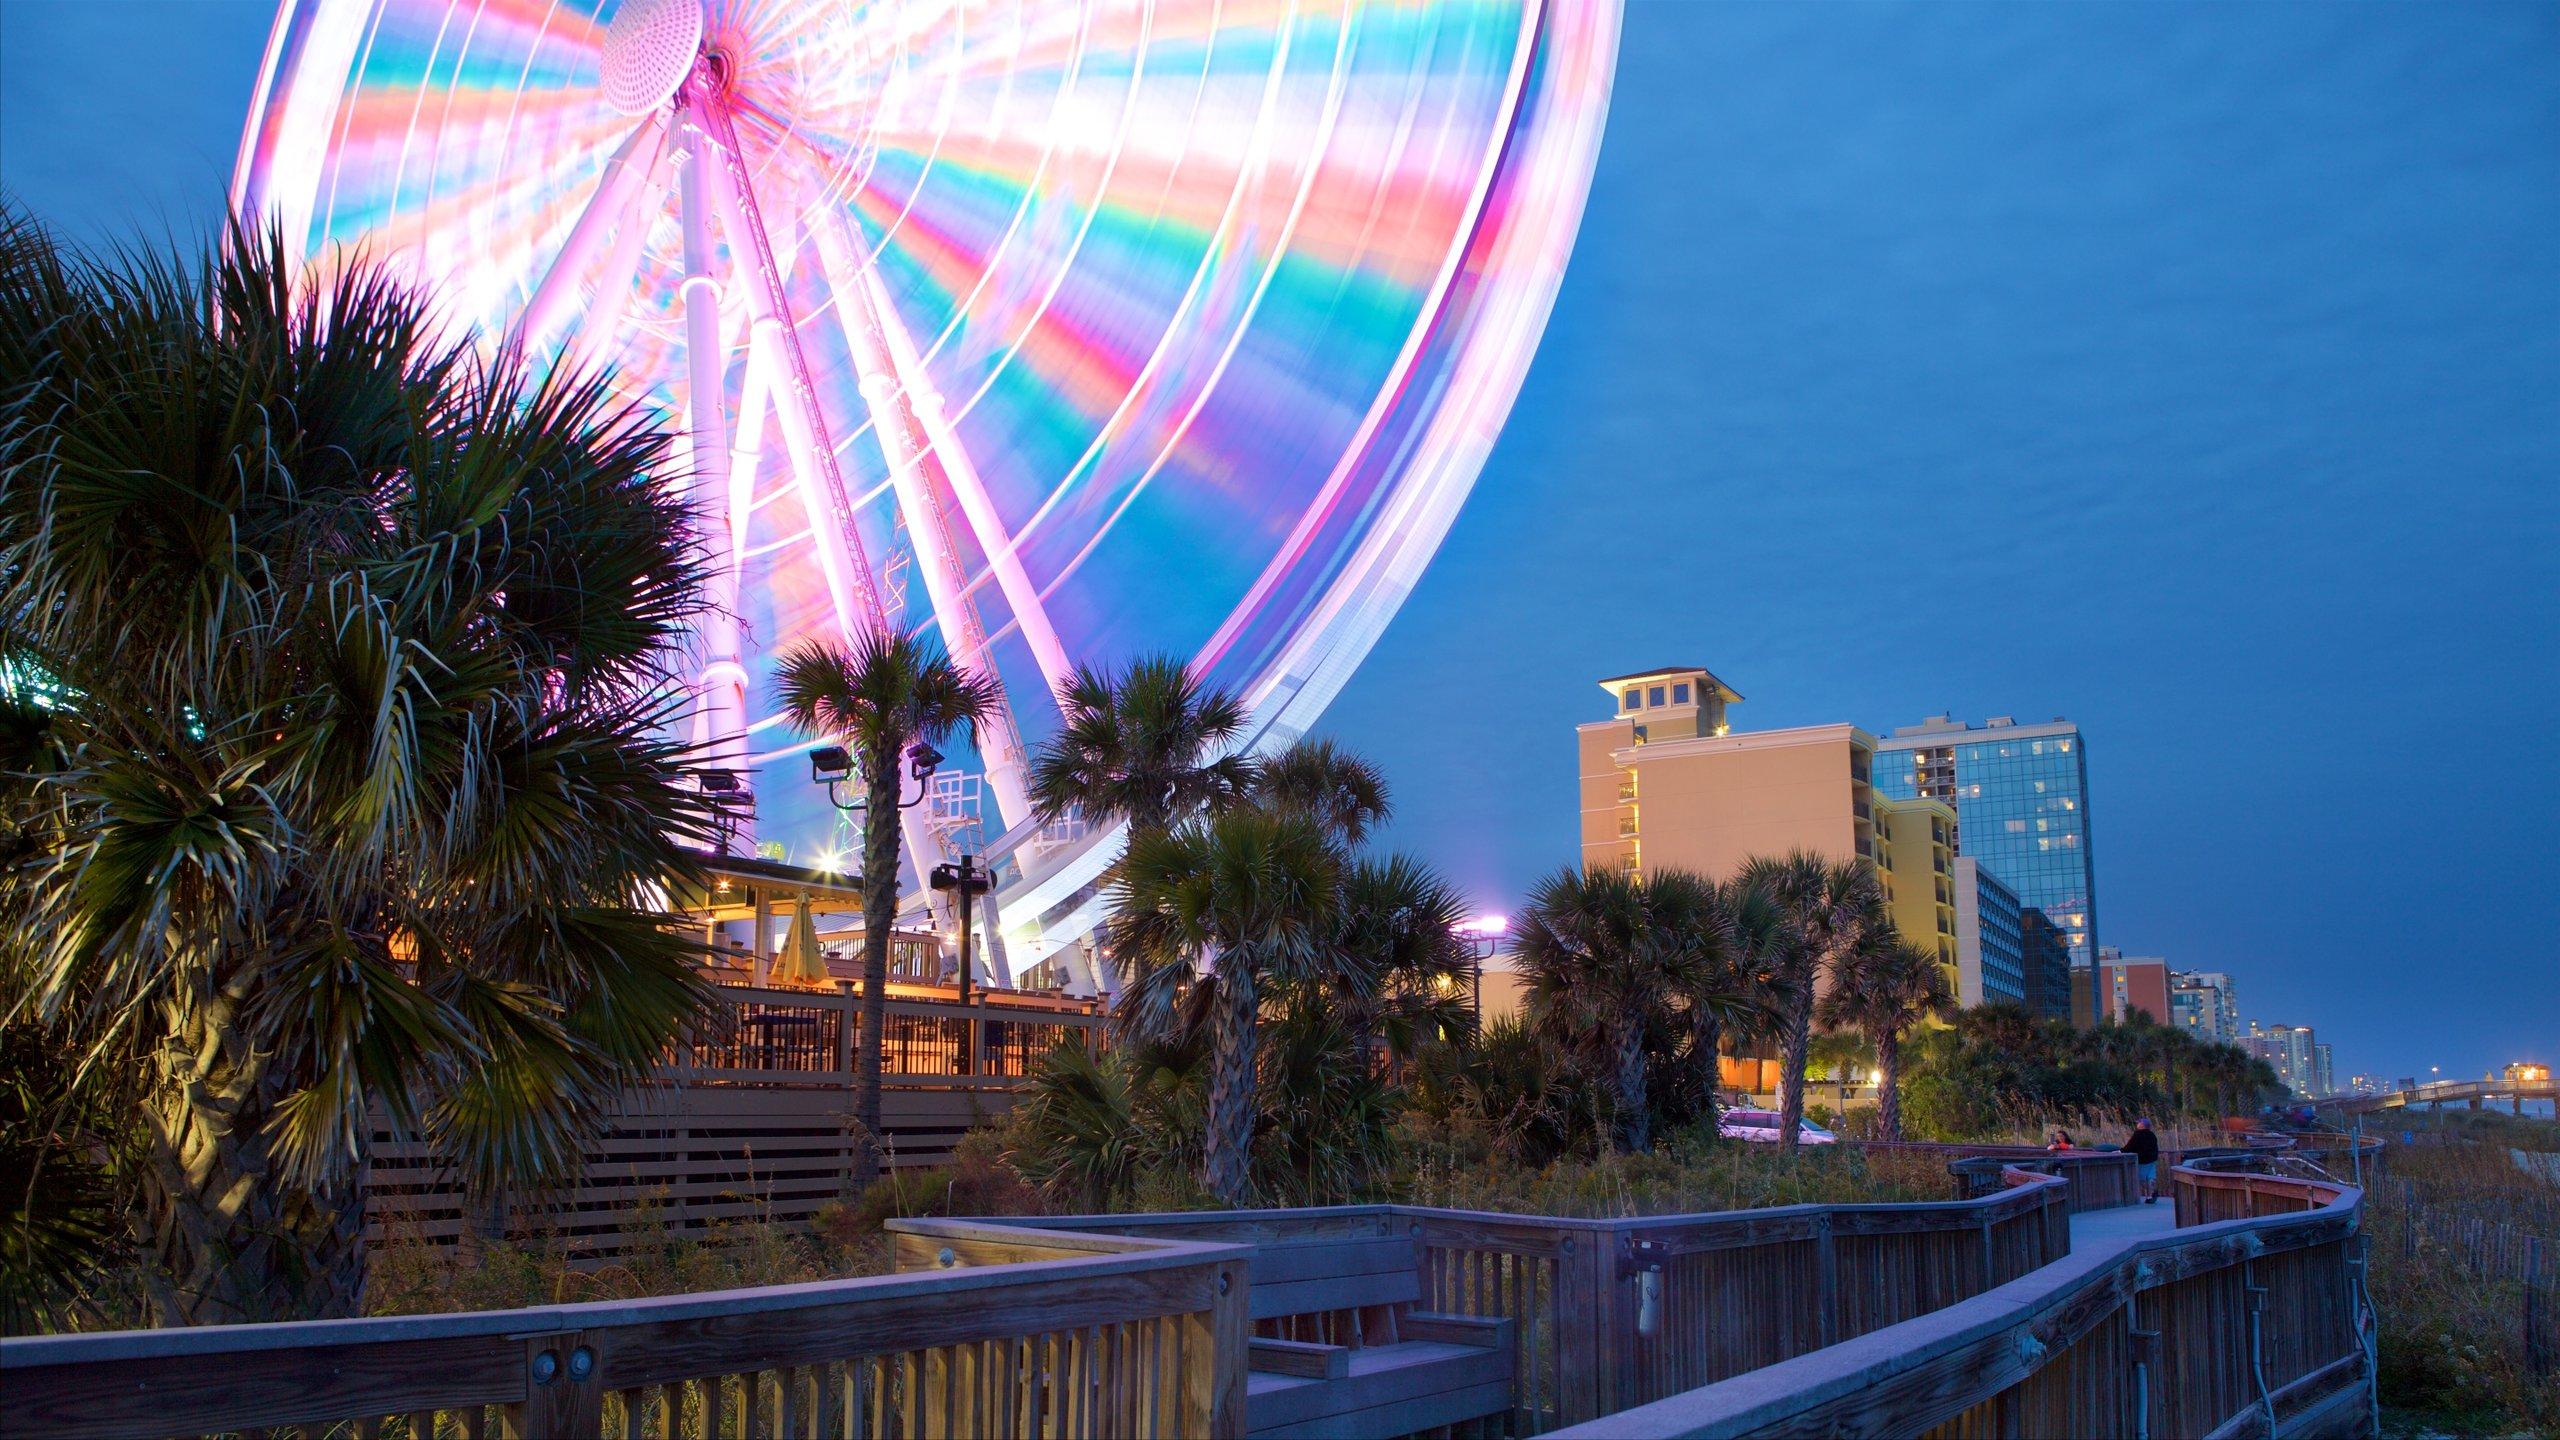 Myrtle Beach Boardwalk Hotels From 64